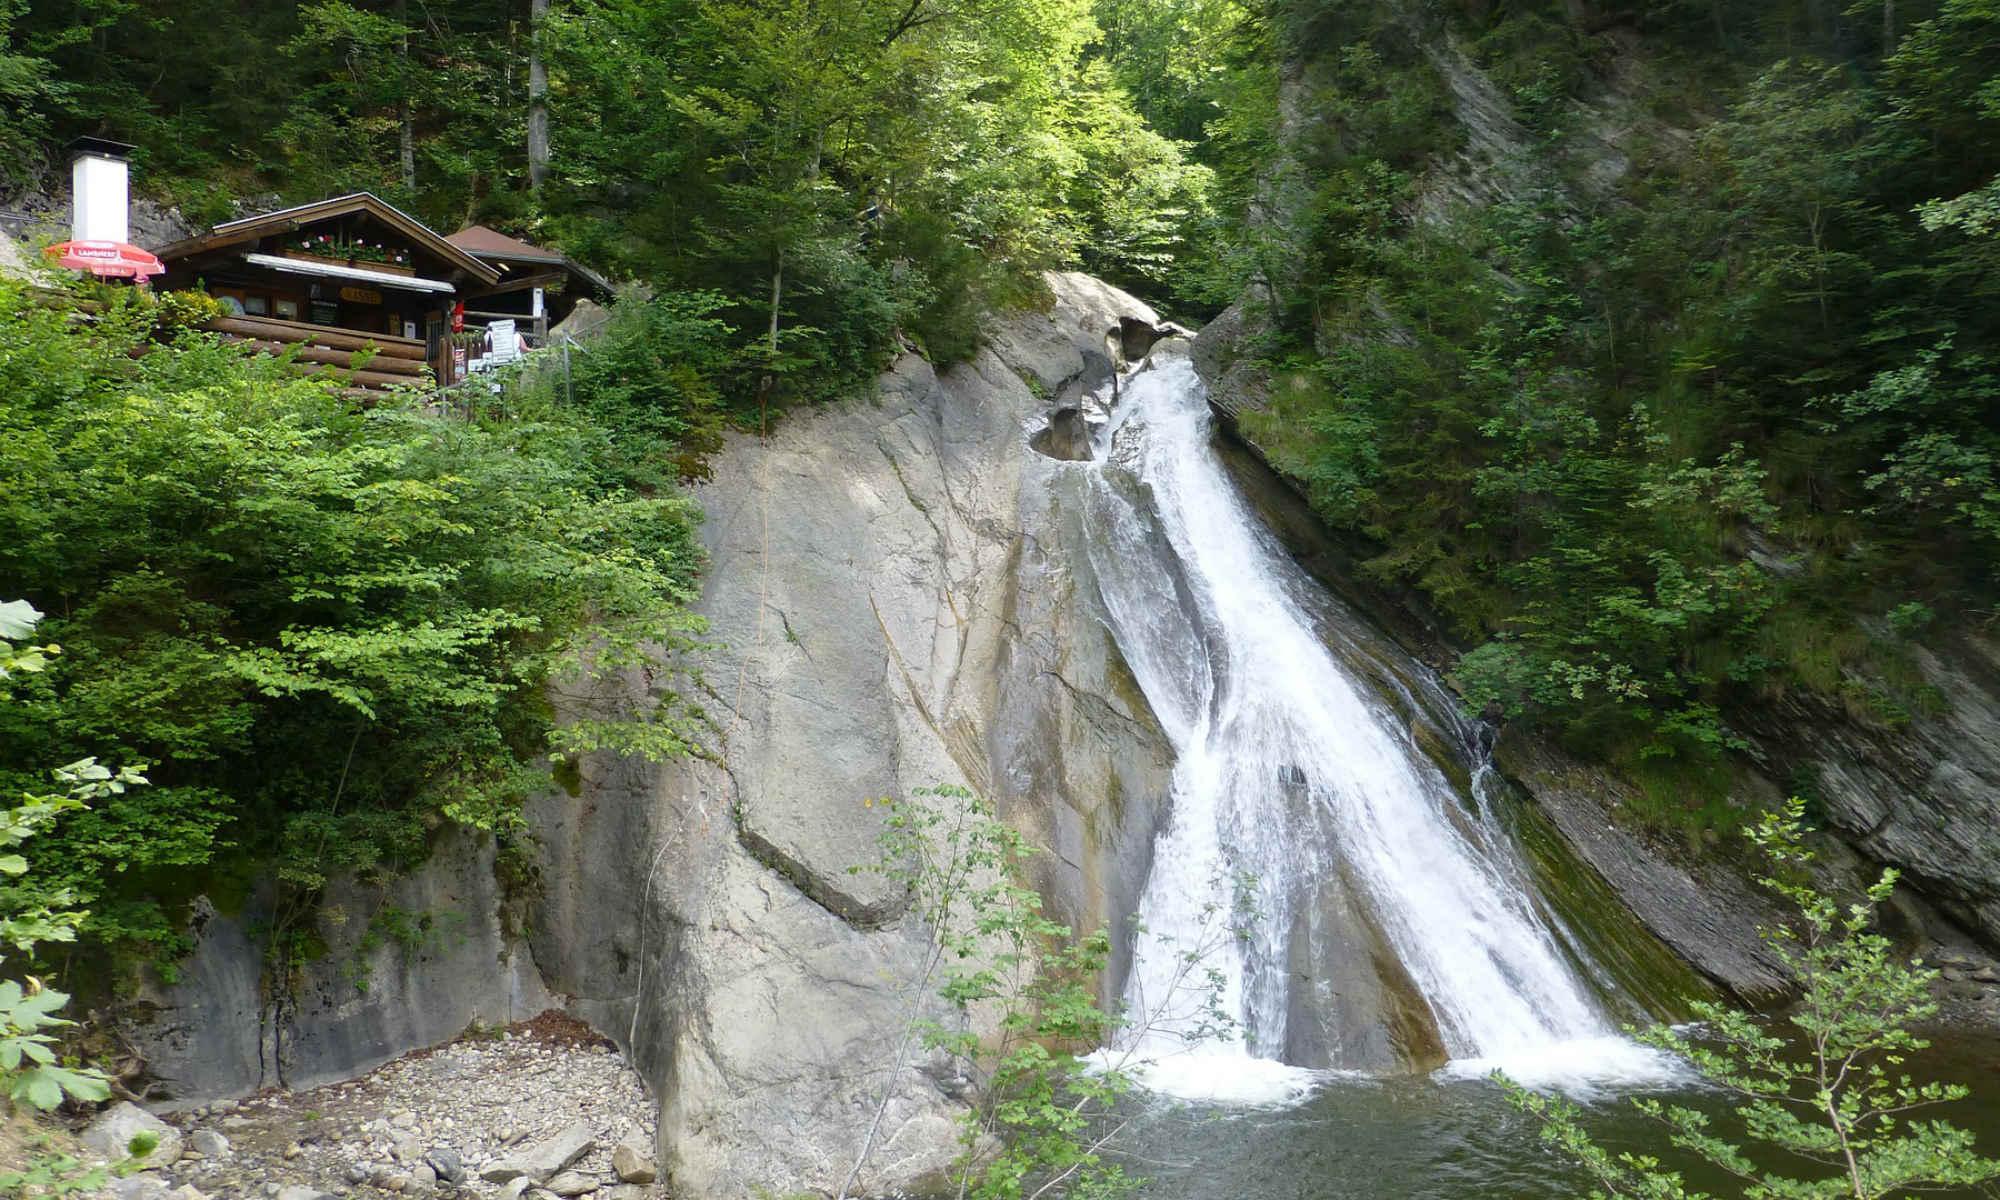 Die 18 m lange Naturrutsche in der Starzlachklamm.